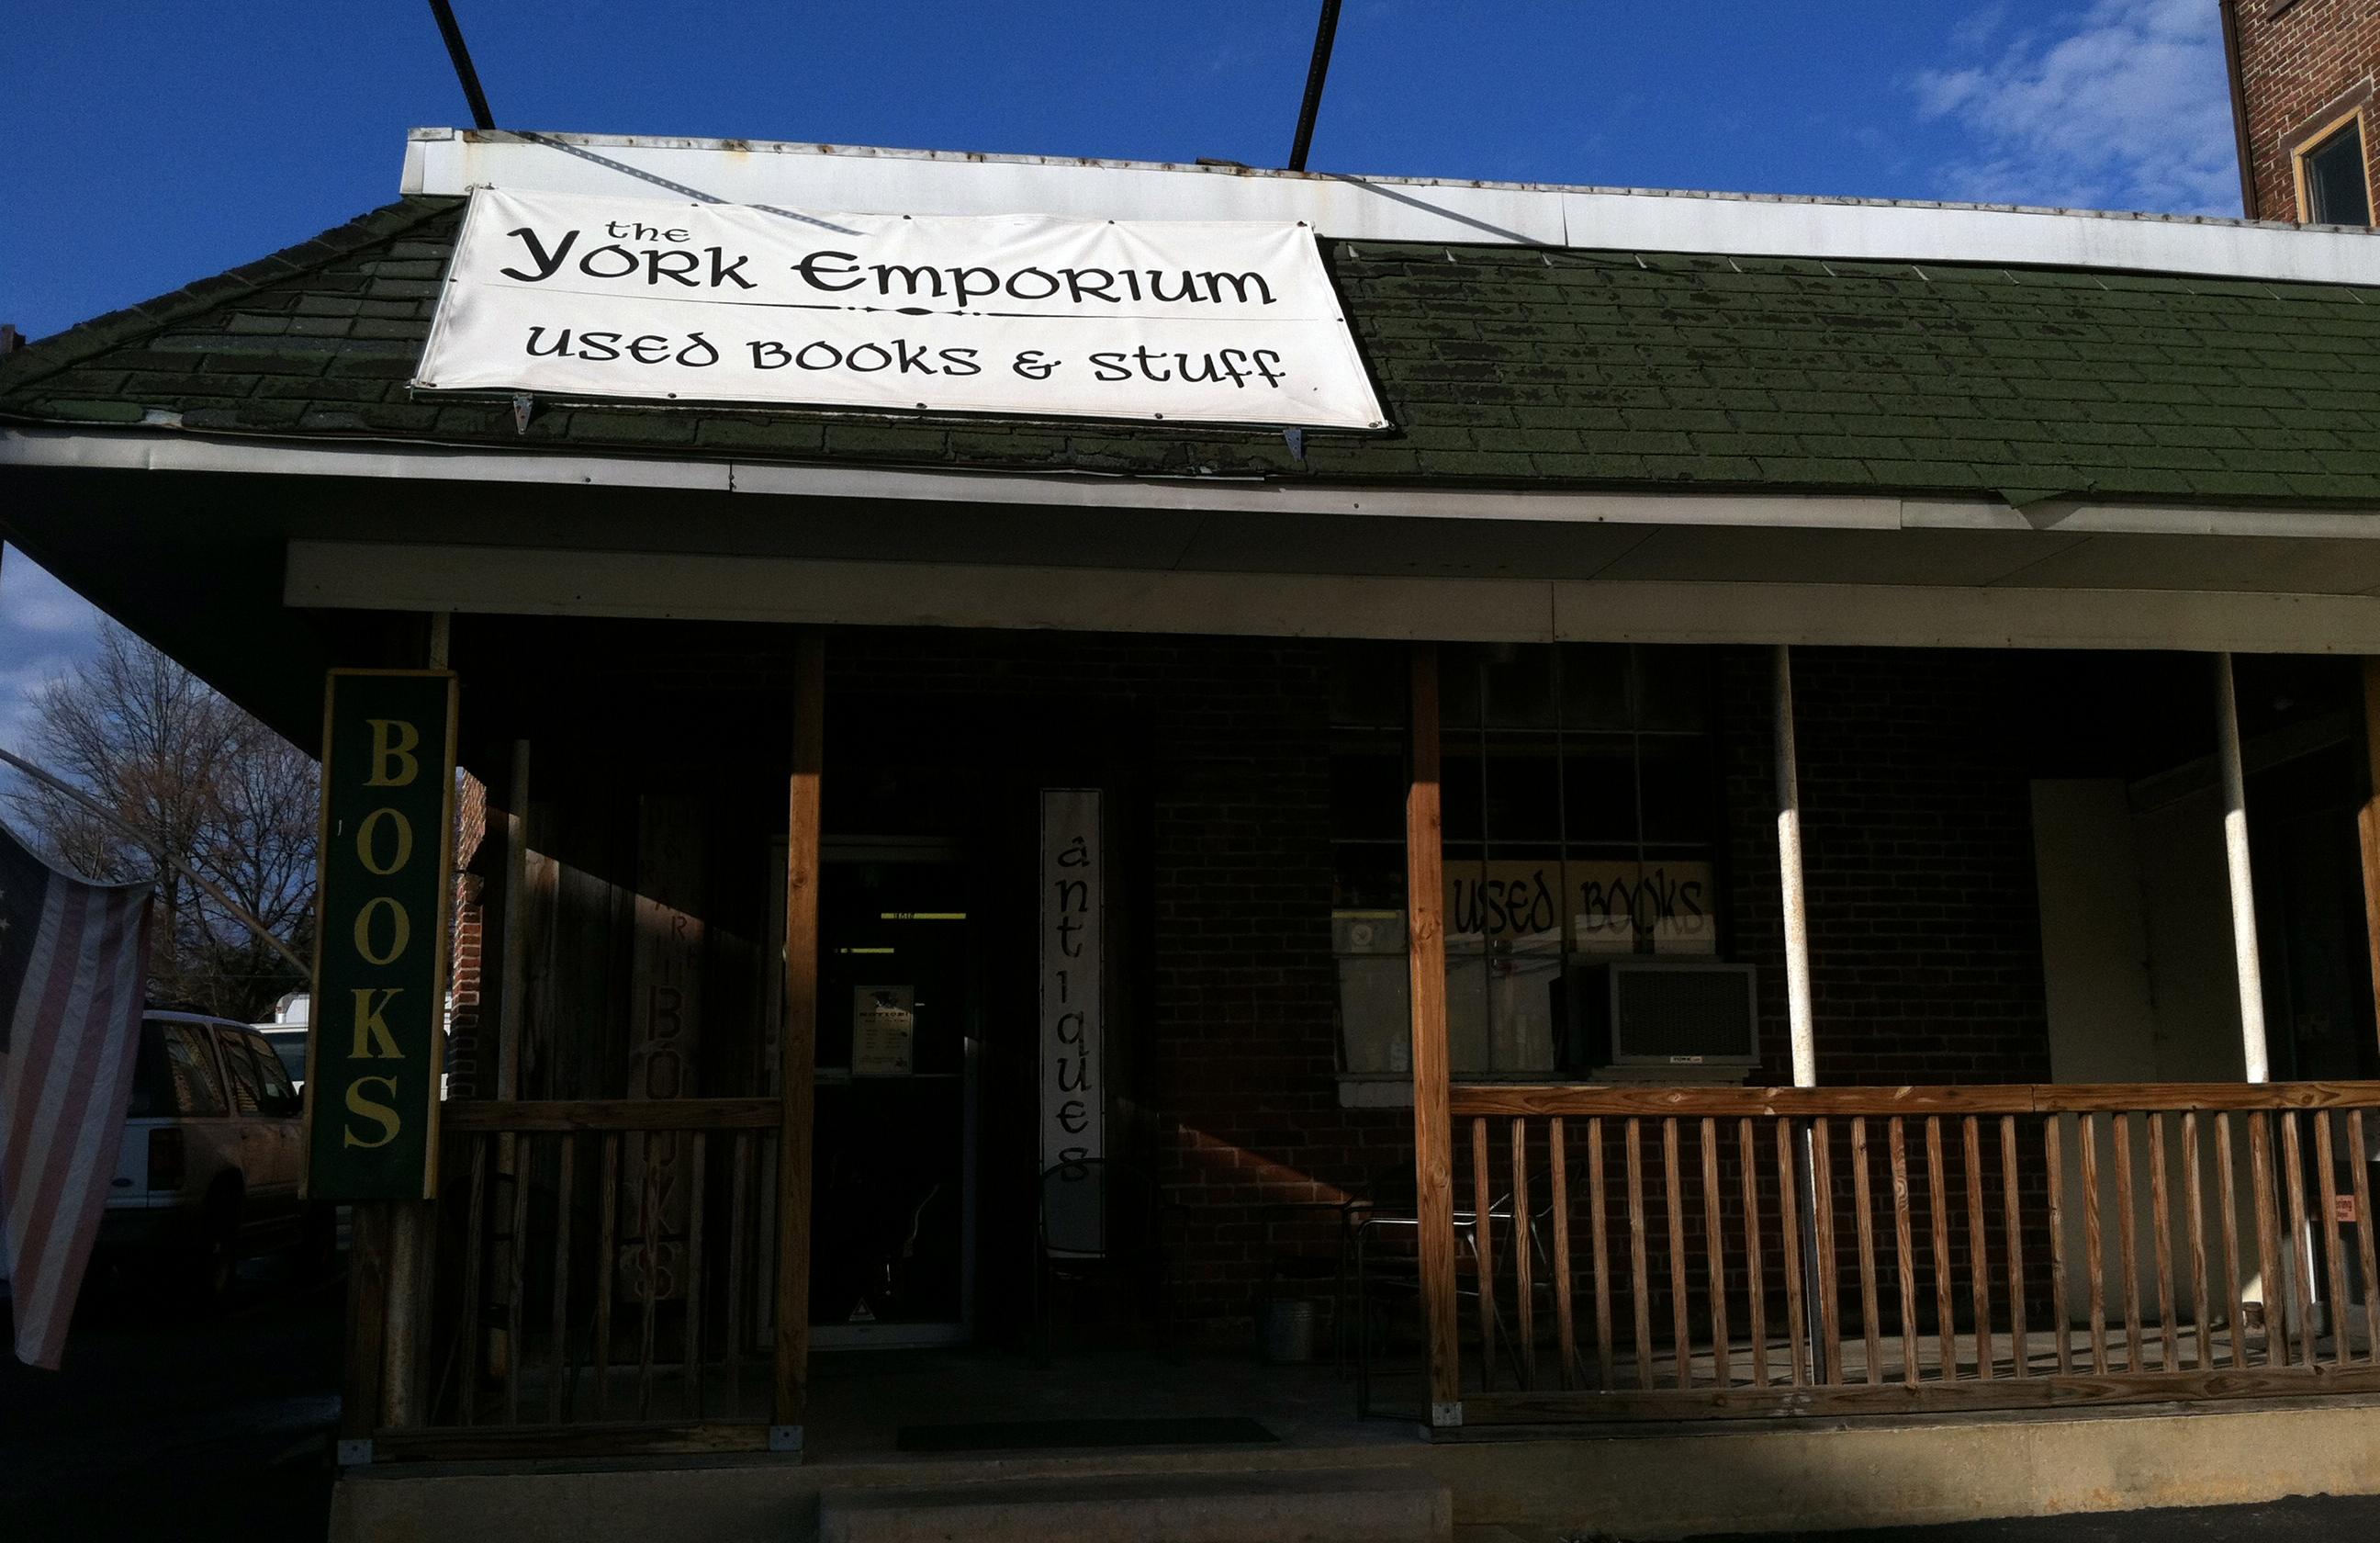 york emporium